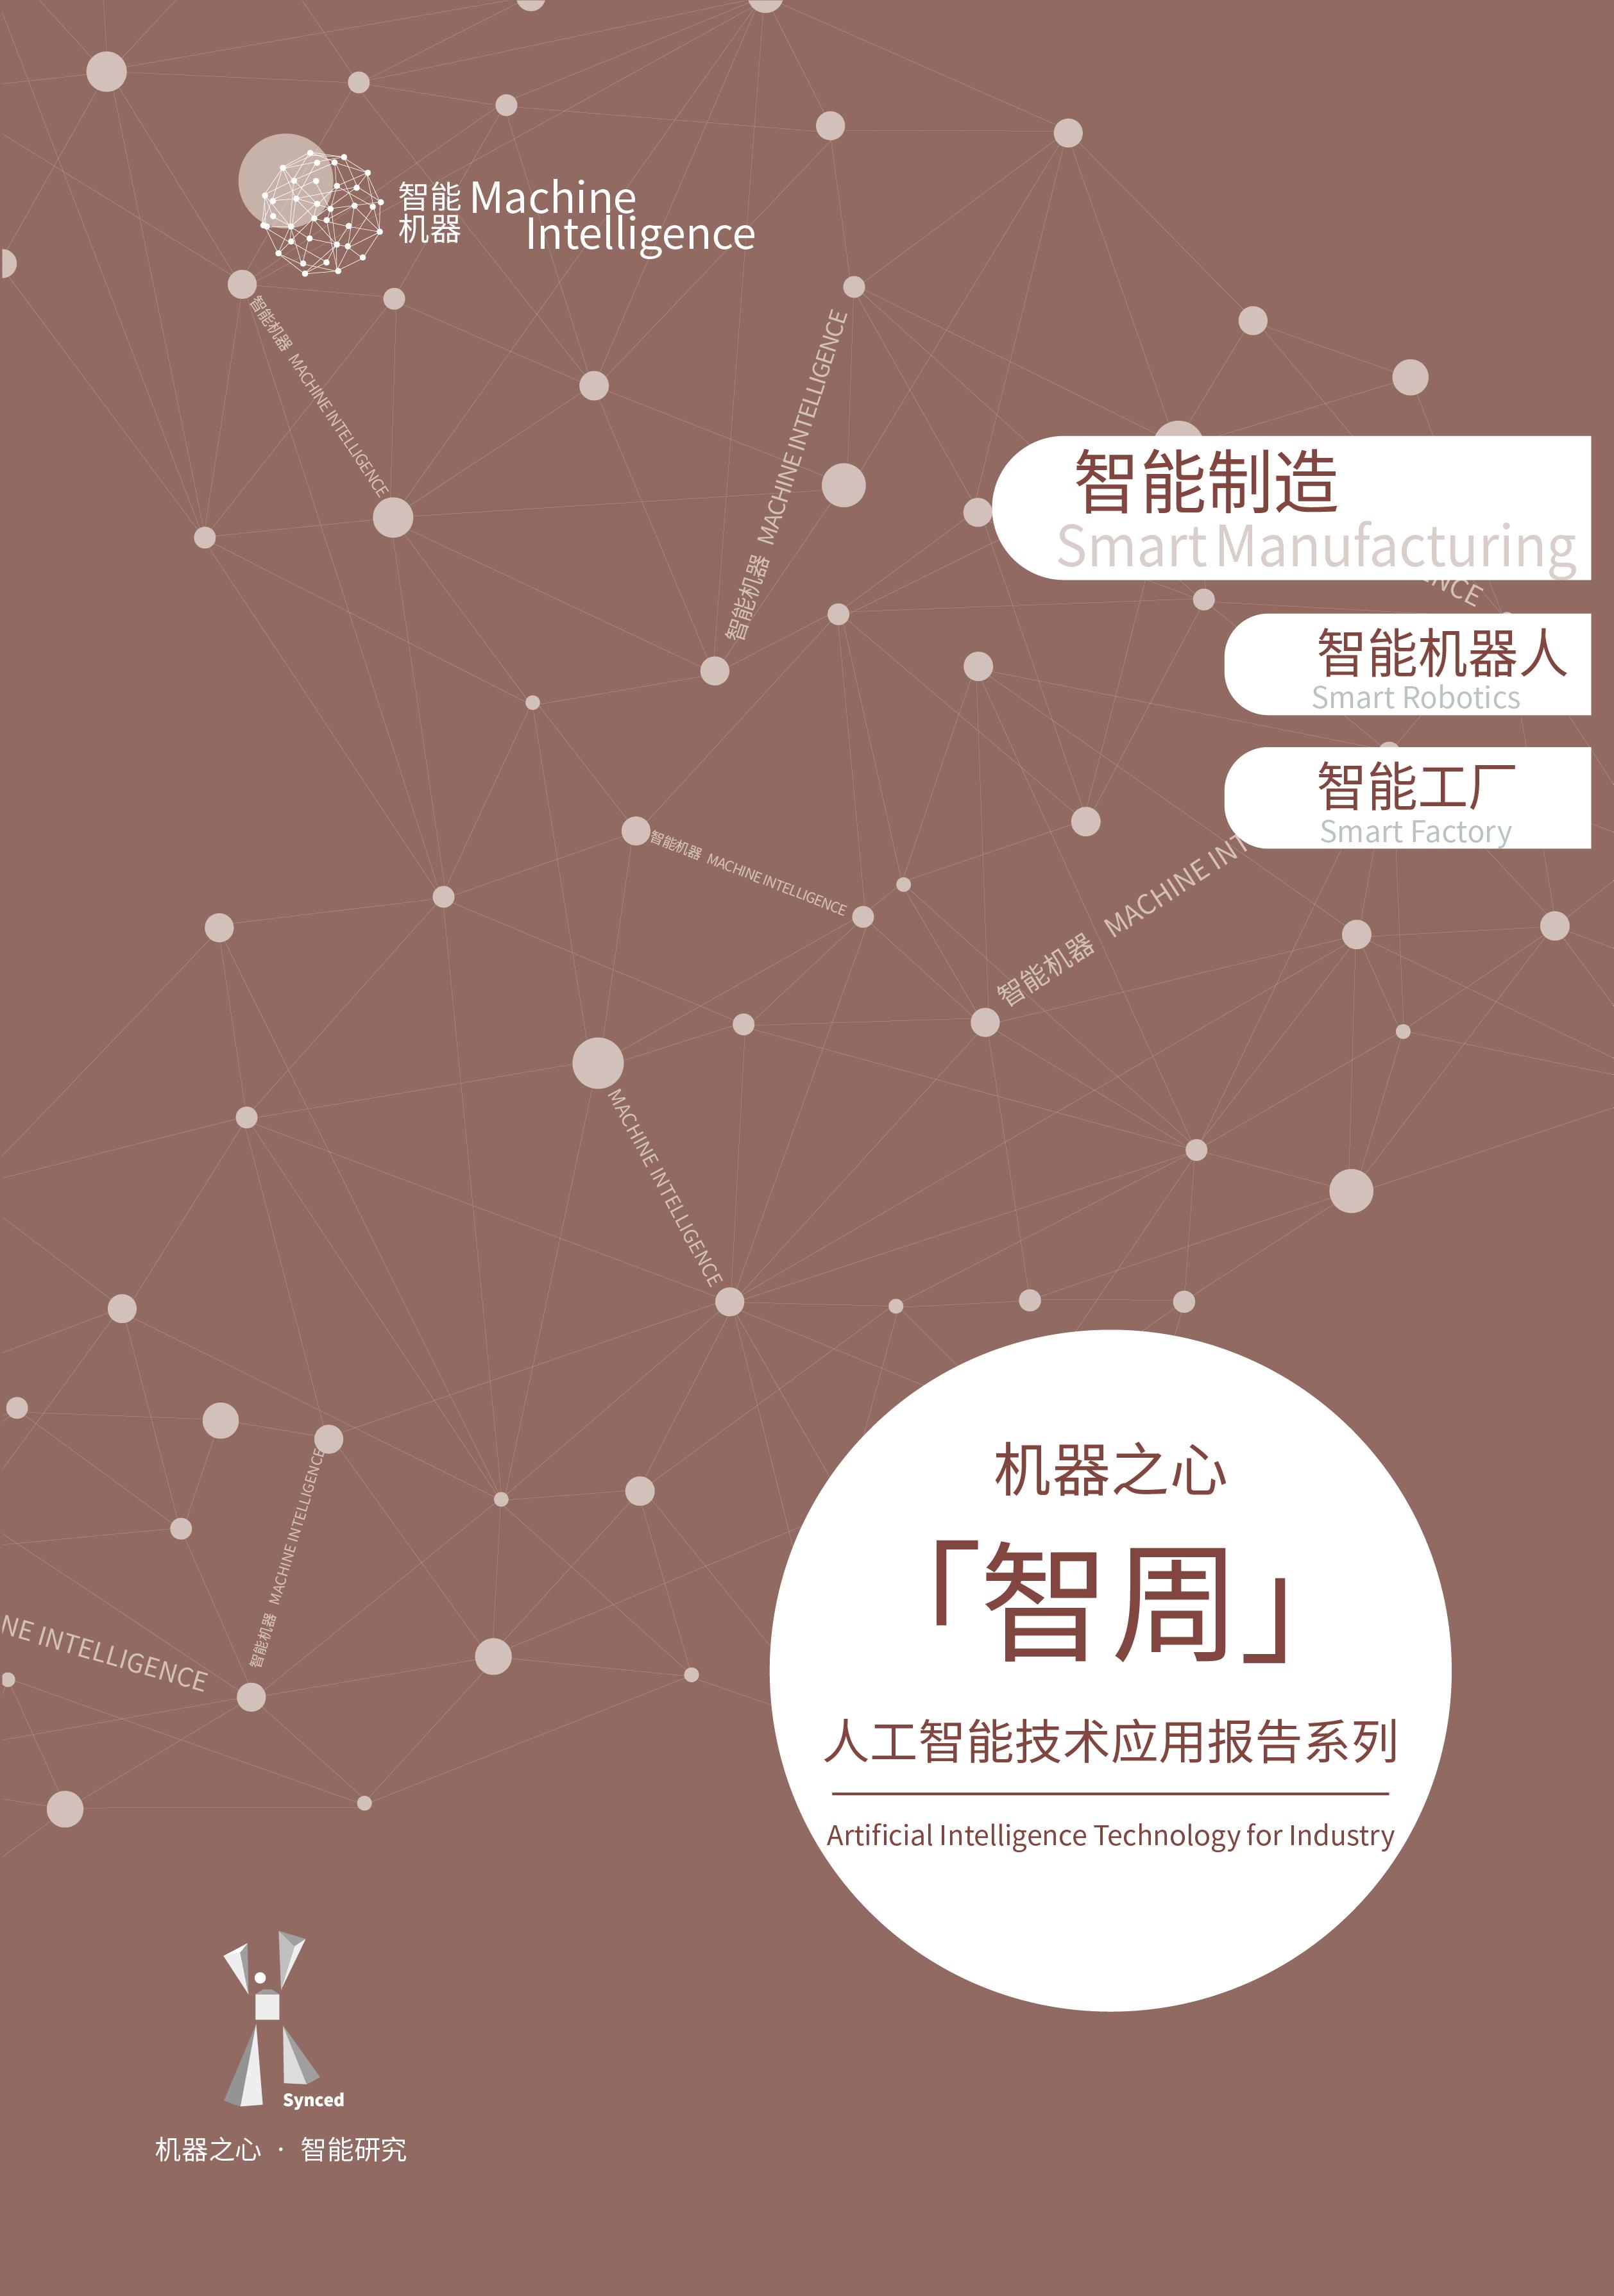 机器人在日本食品制造领域的应用与展望 | 智周核心版